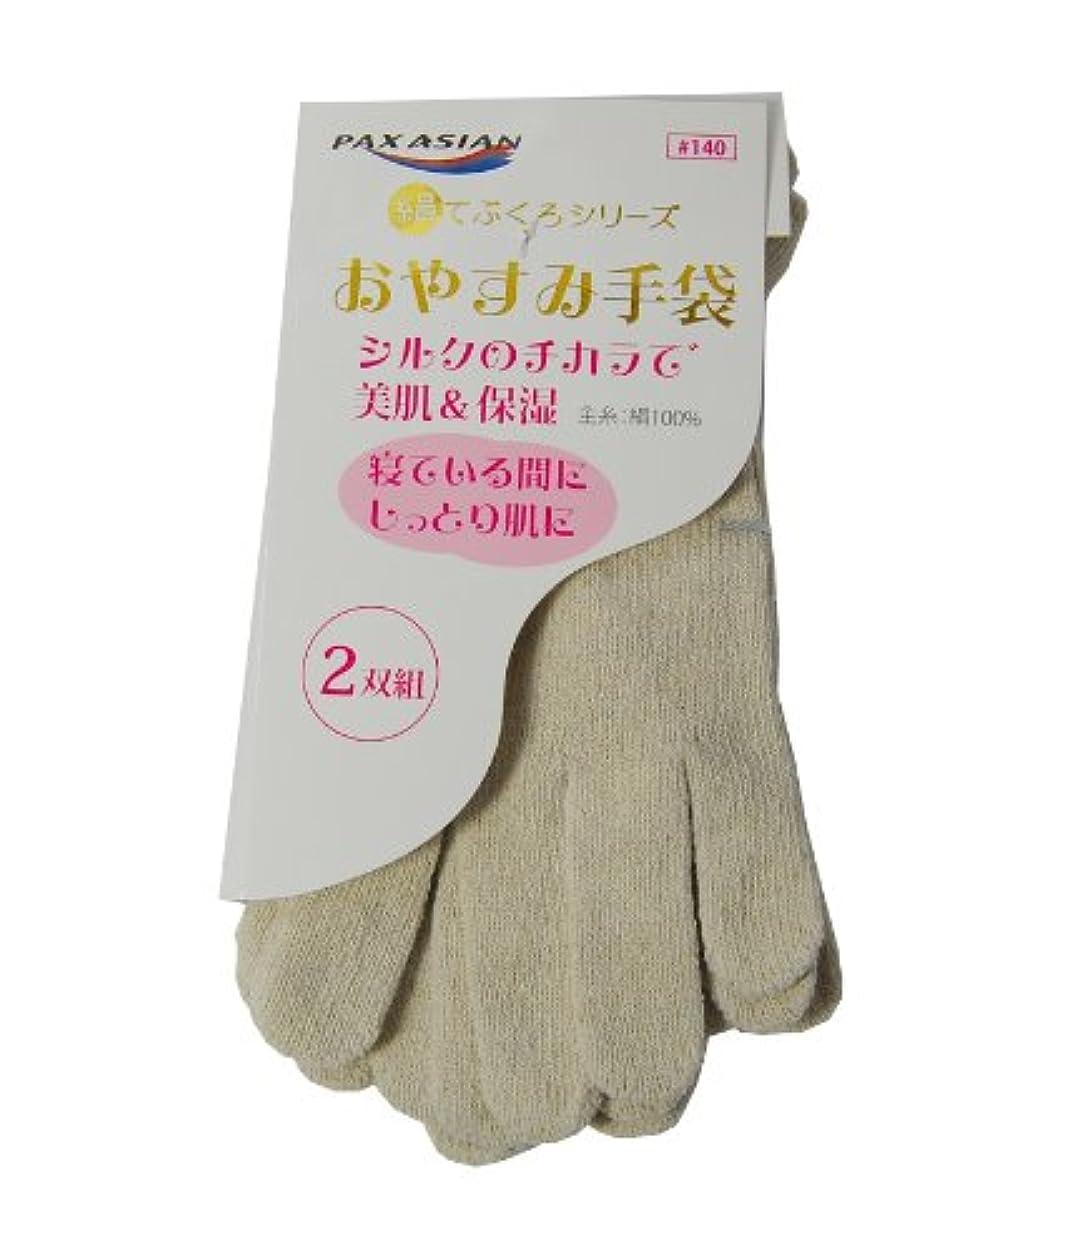 歩き回る聴く整理するPAX-ASIAN おやすみ シルク手袋 フレアータイプ 絹 100% ソフト 婦人用 2双組 #140